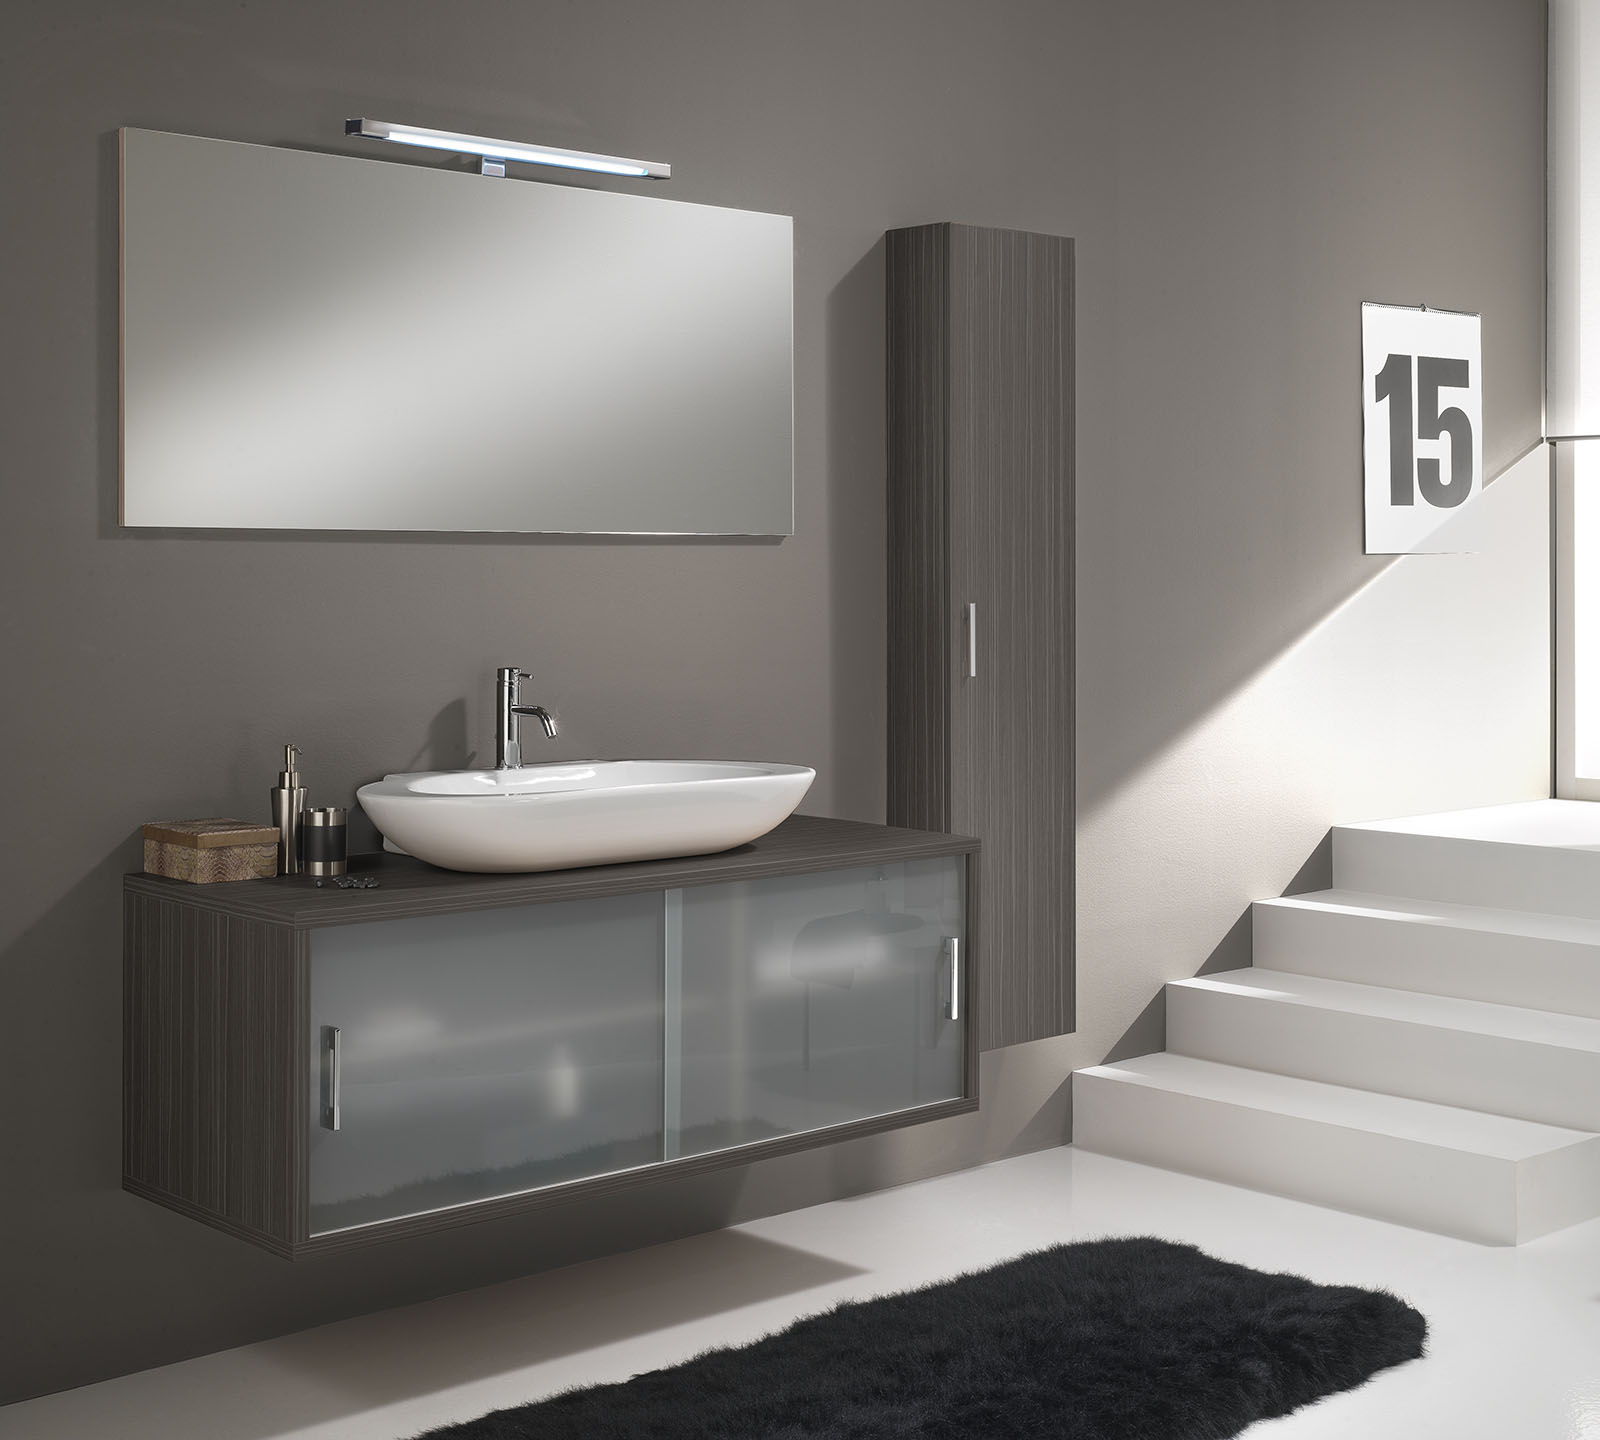 Arredo bagno giava 06 pino grigio cm 130 duzzle - Accessori bagno moderni ...